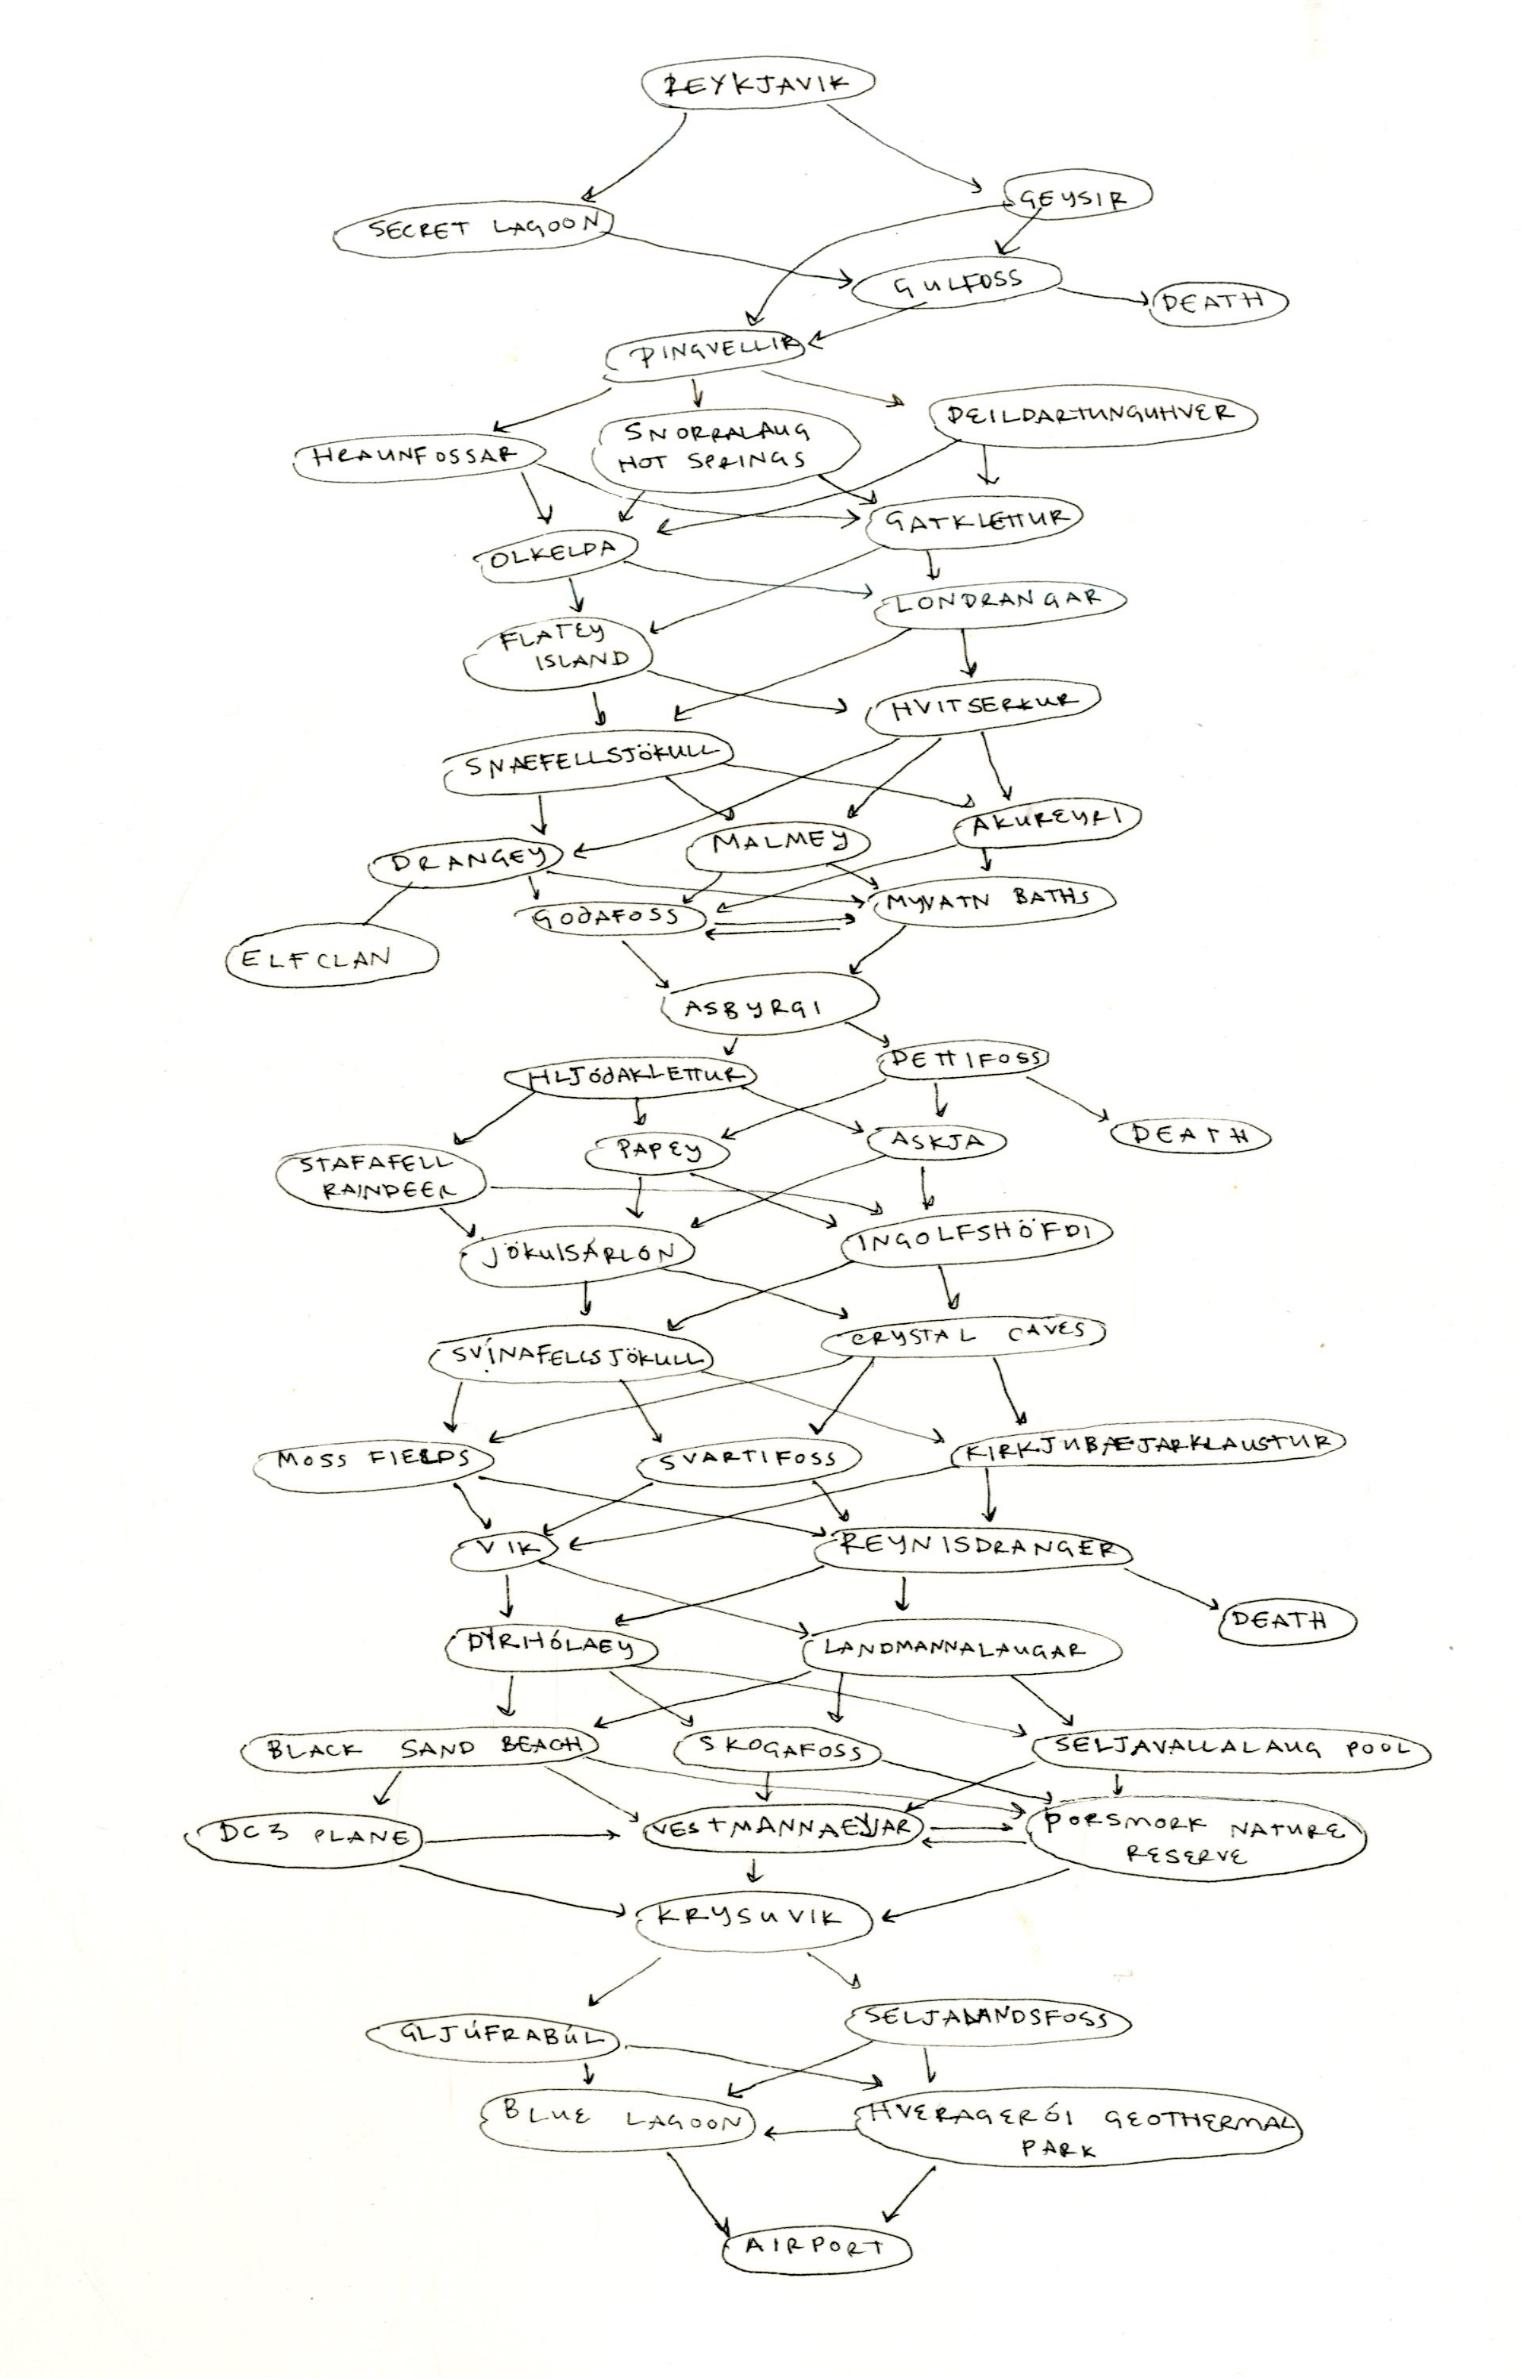 Non-linearDiagram